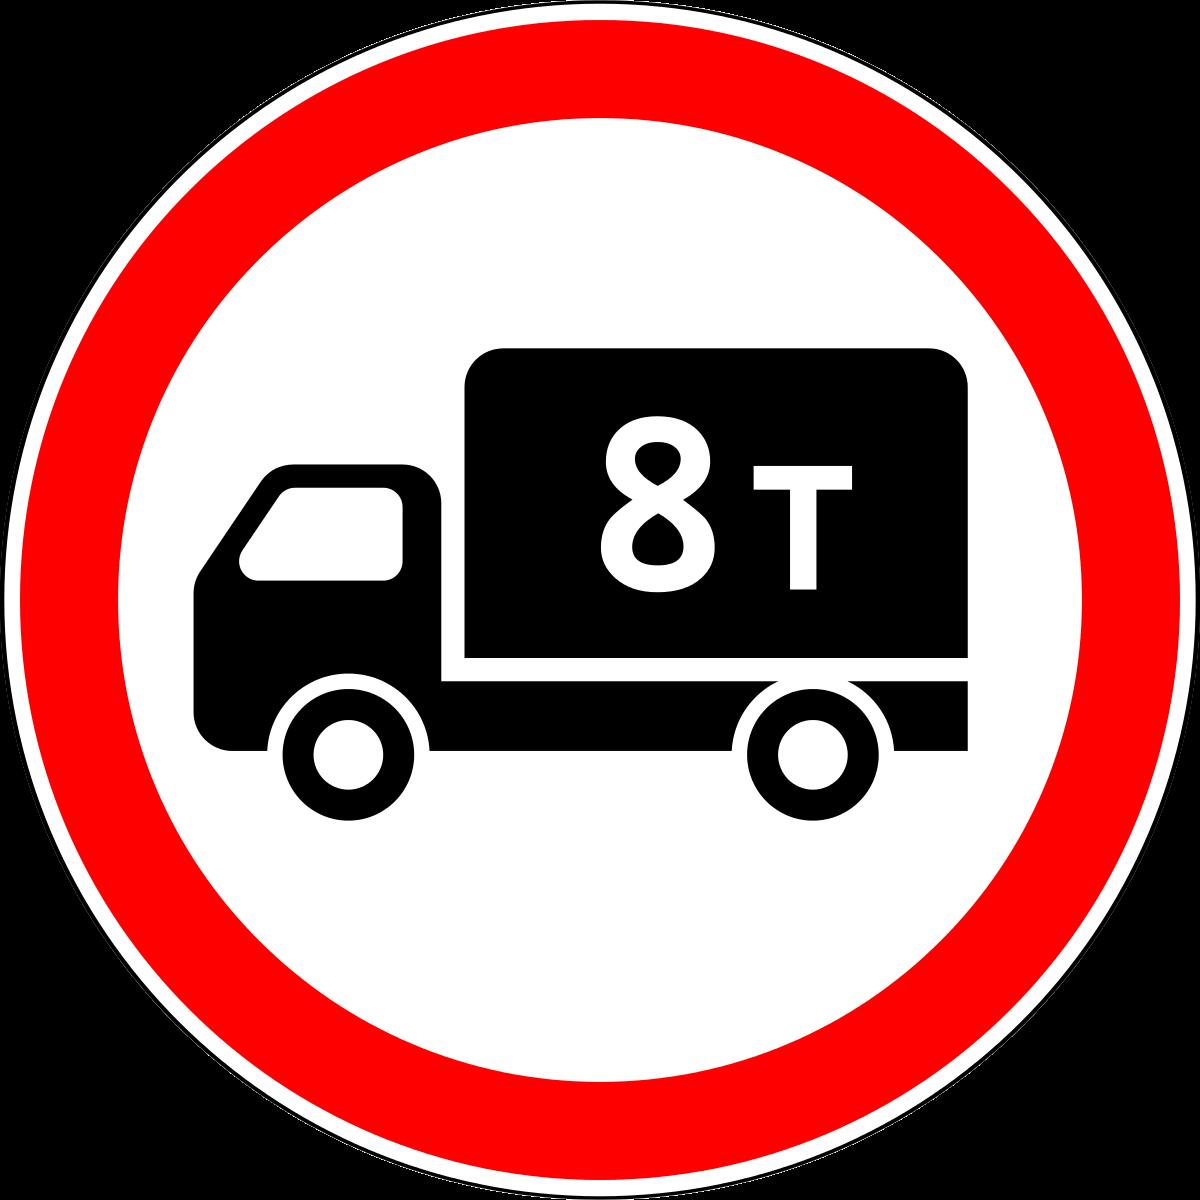 Знак 3.4 Жүк көліктерінің қозғалысына тыйым салынады/ Движение грузовых автомобилей запрещено